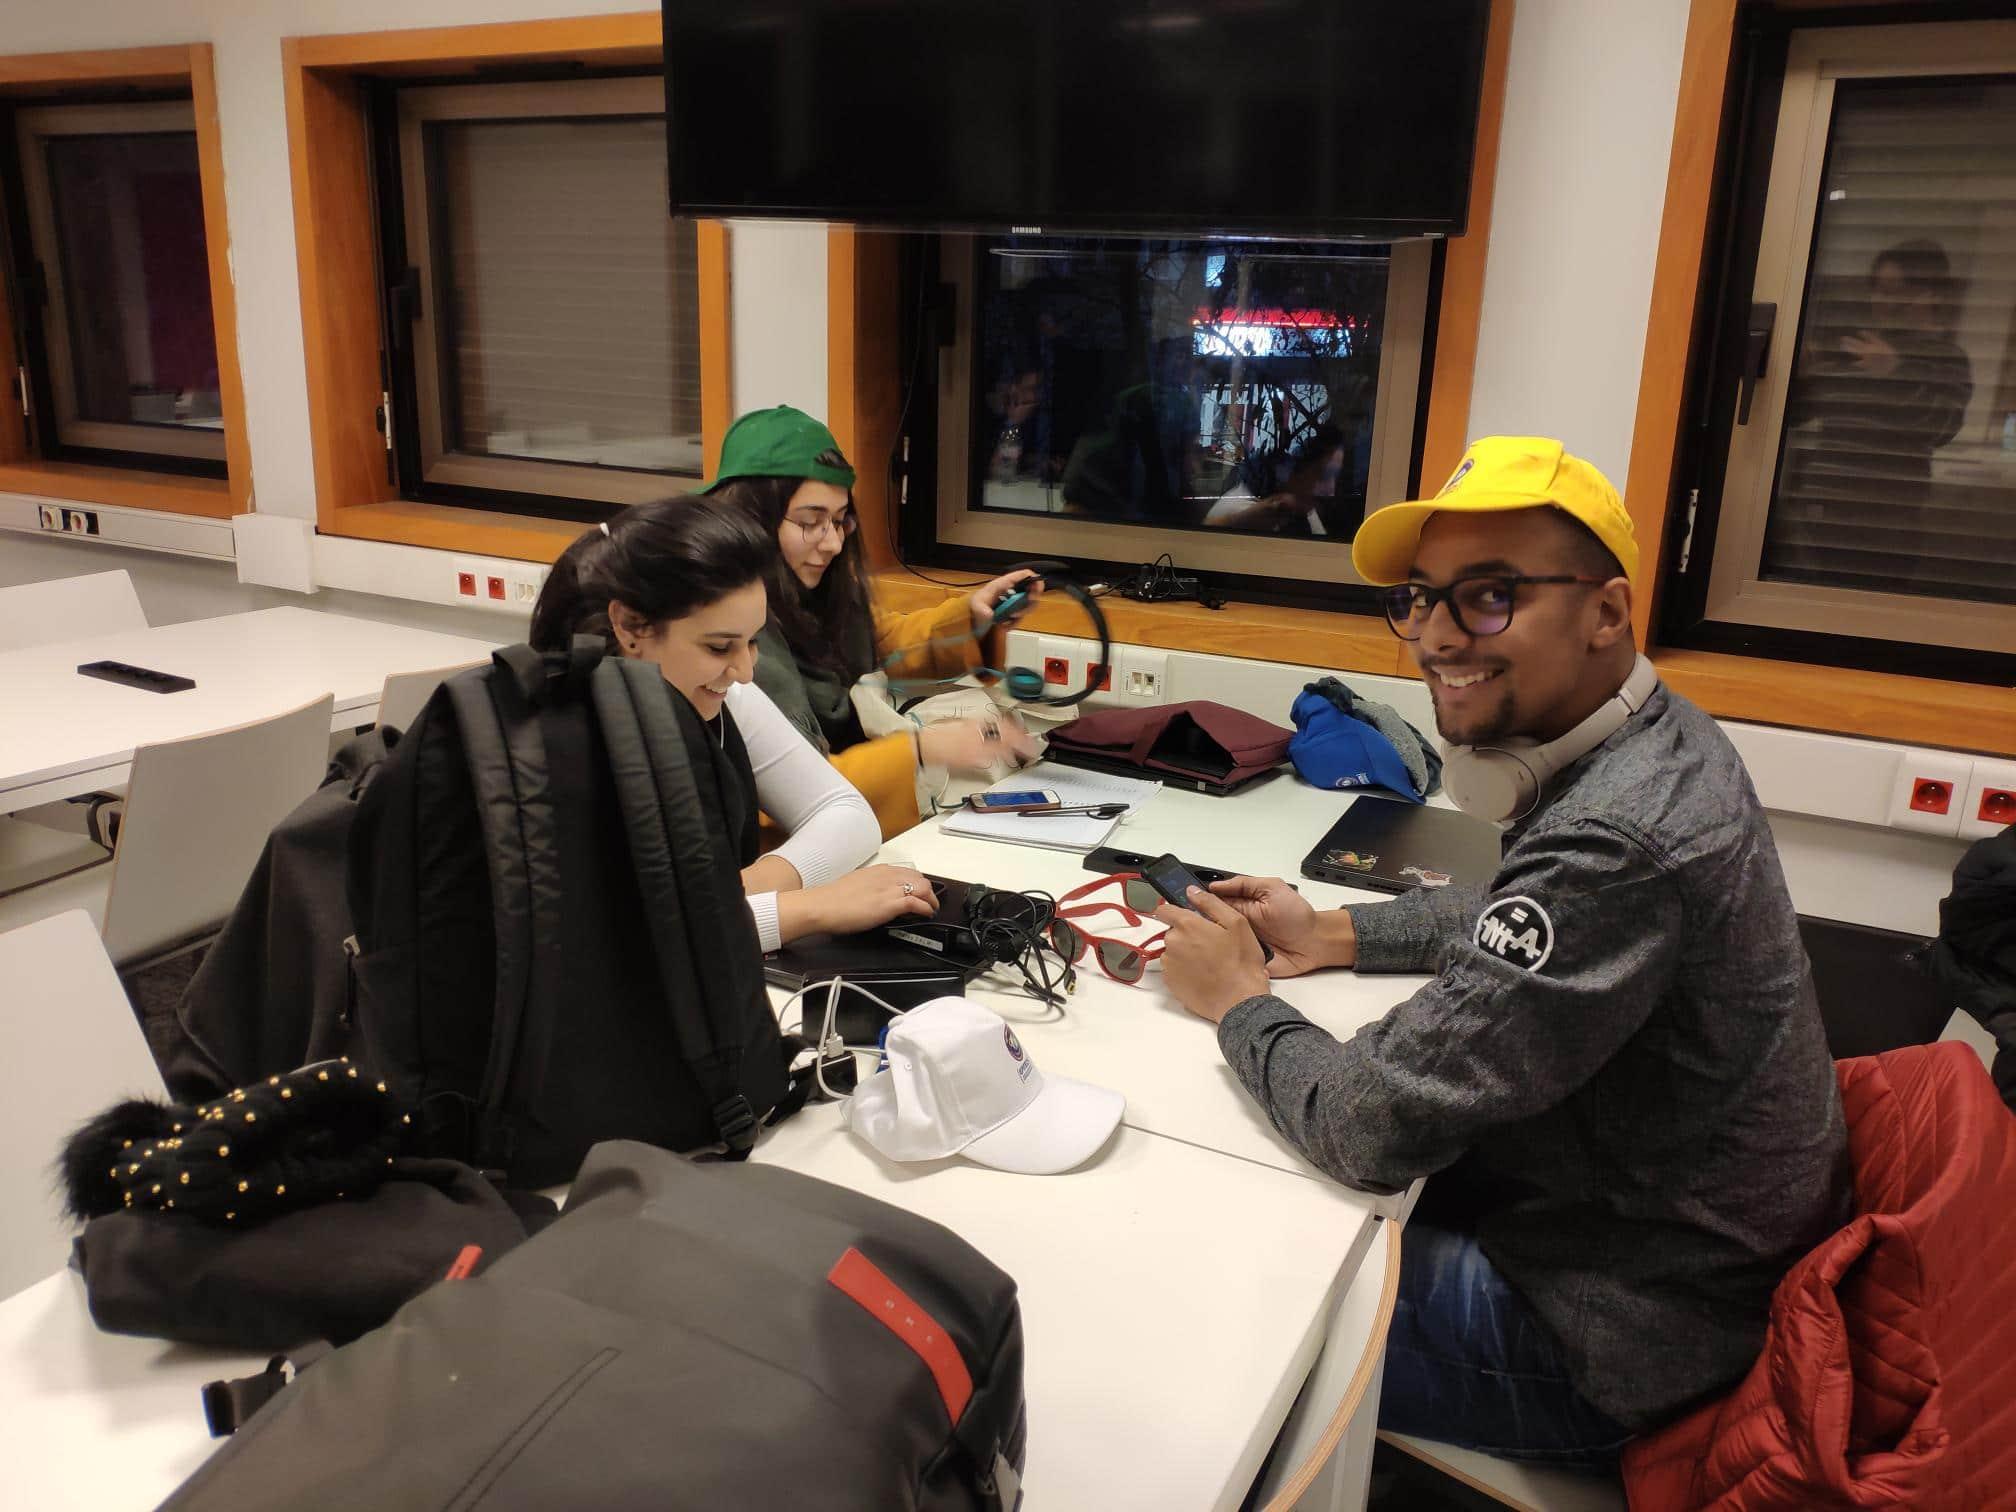 Etudiants particpants à la Global Game Jam à Epitech Paris